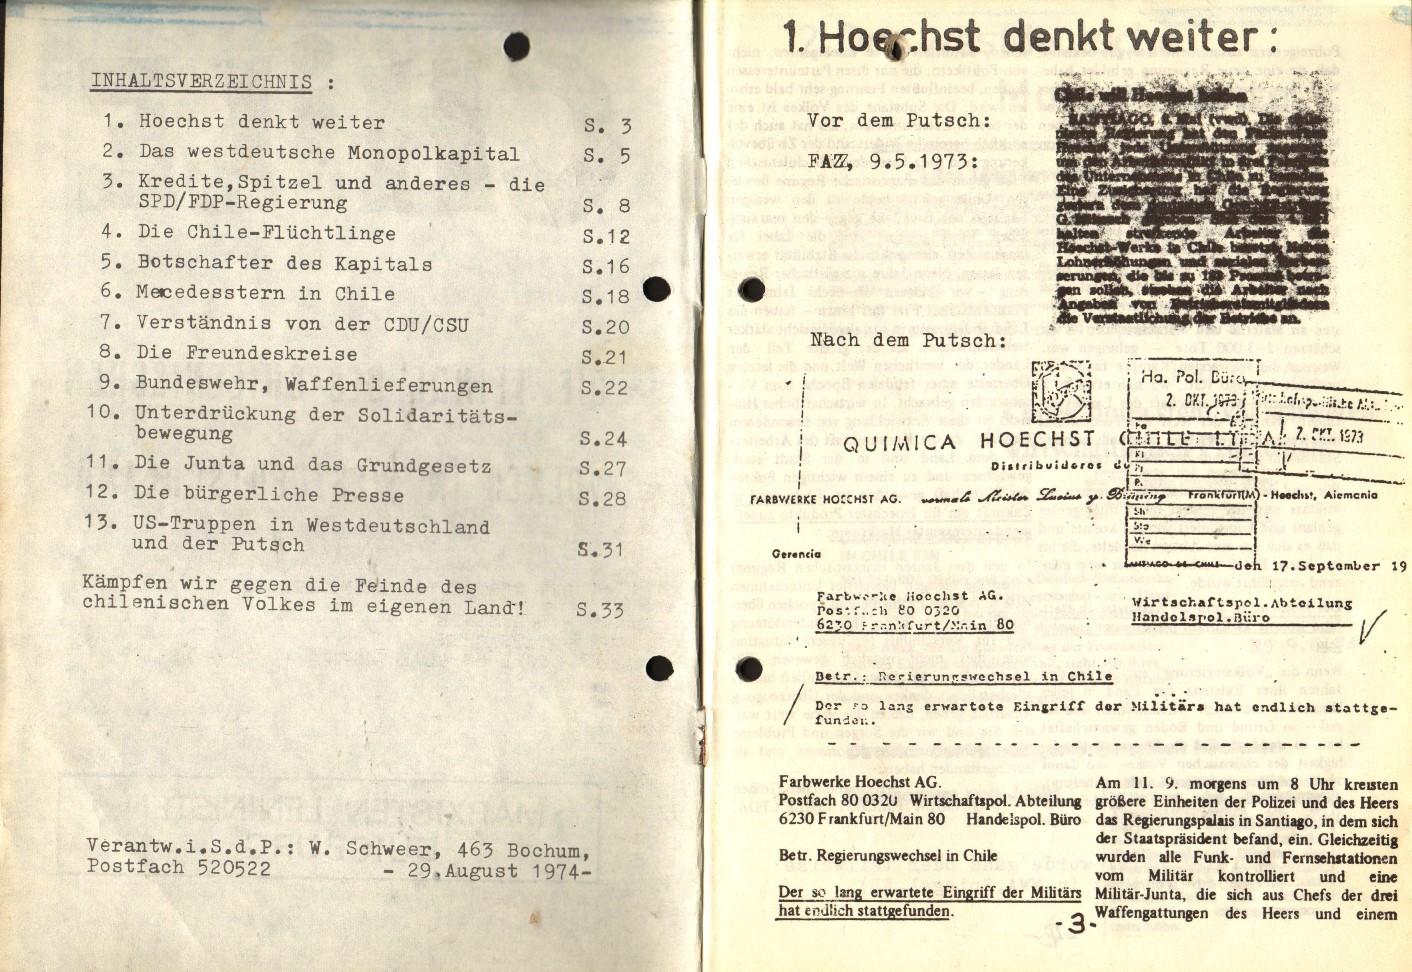 Duisburg_ML_1974_Die_Feinde_des_chilenischen_Volkes_02